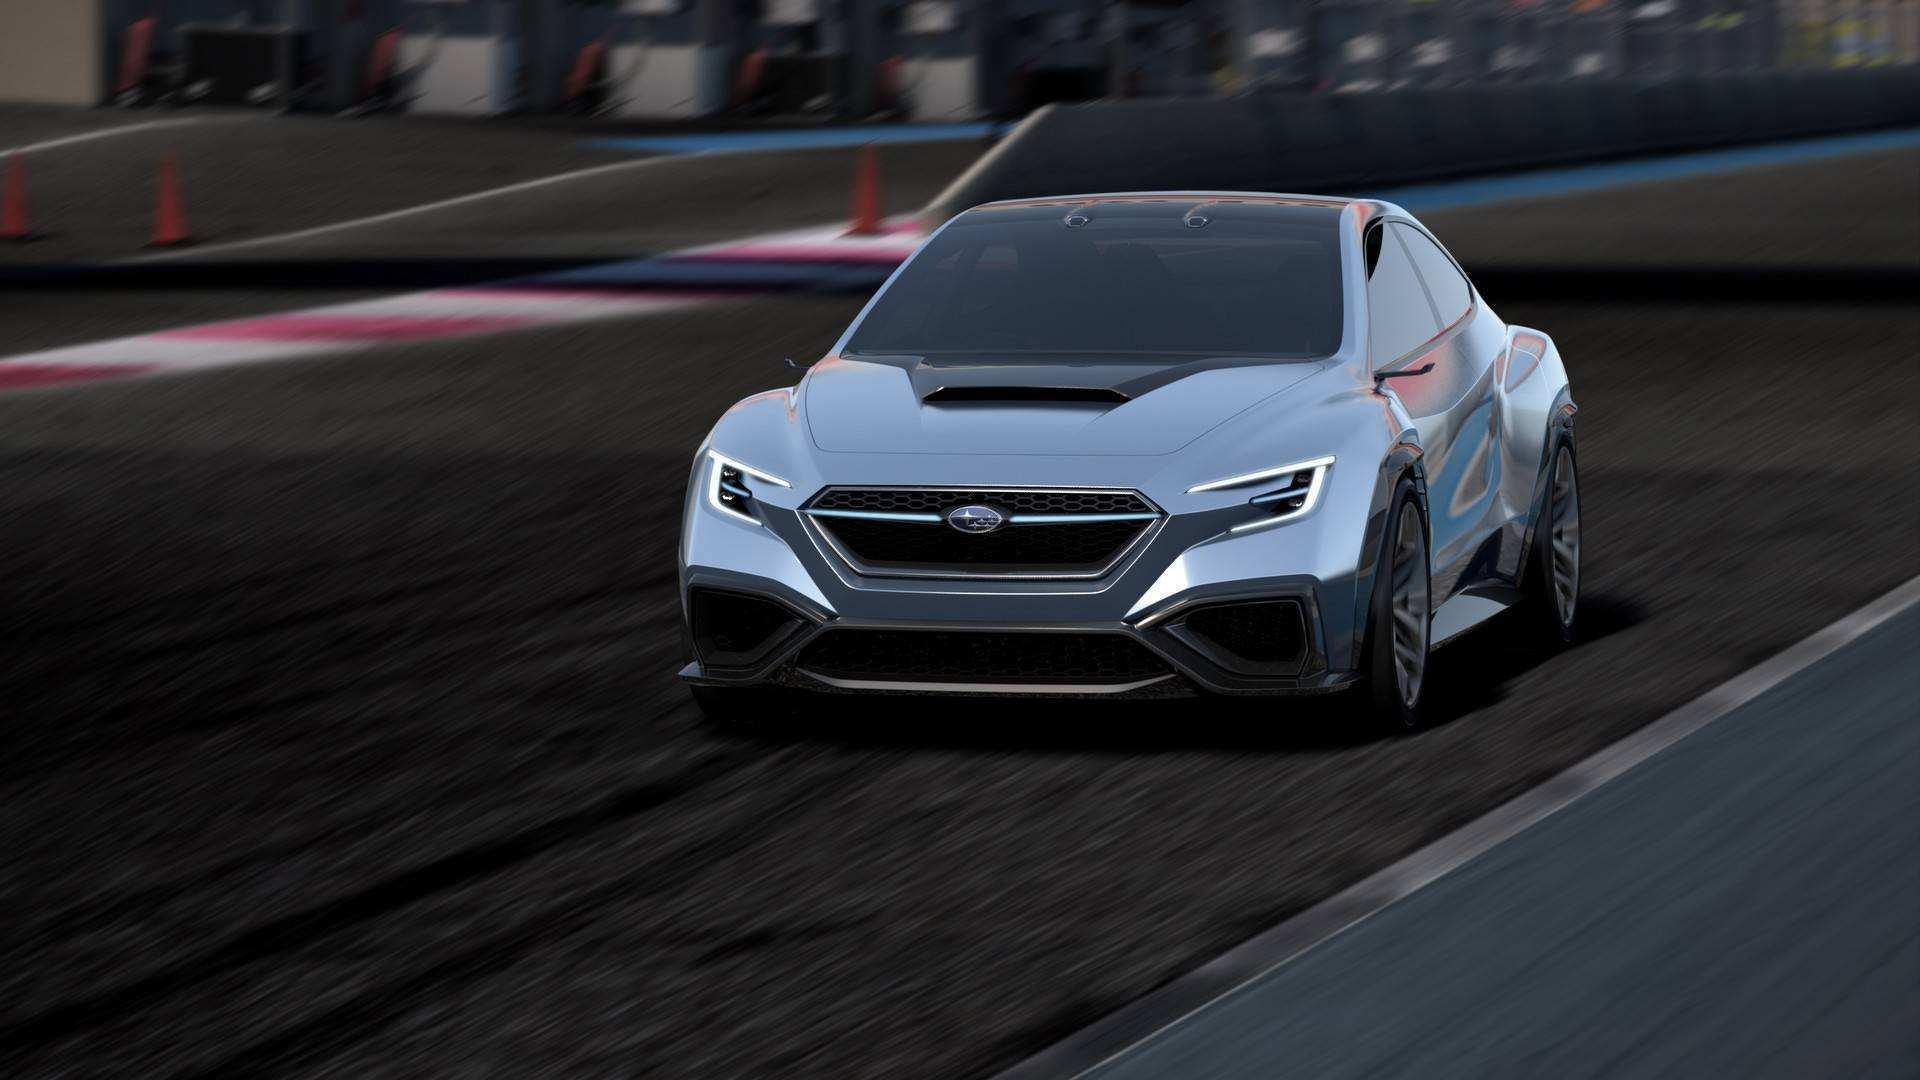 93 New 2020 Subaru Sti Rumors Reviews for 2020 Subaru Sti Rumors